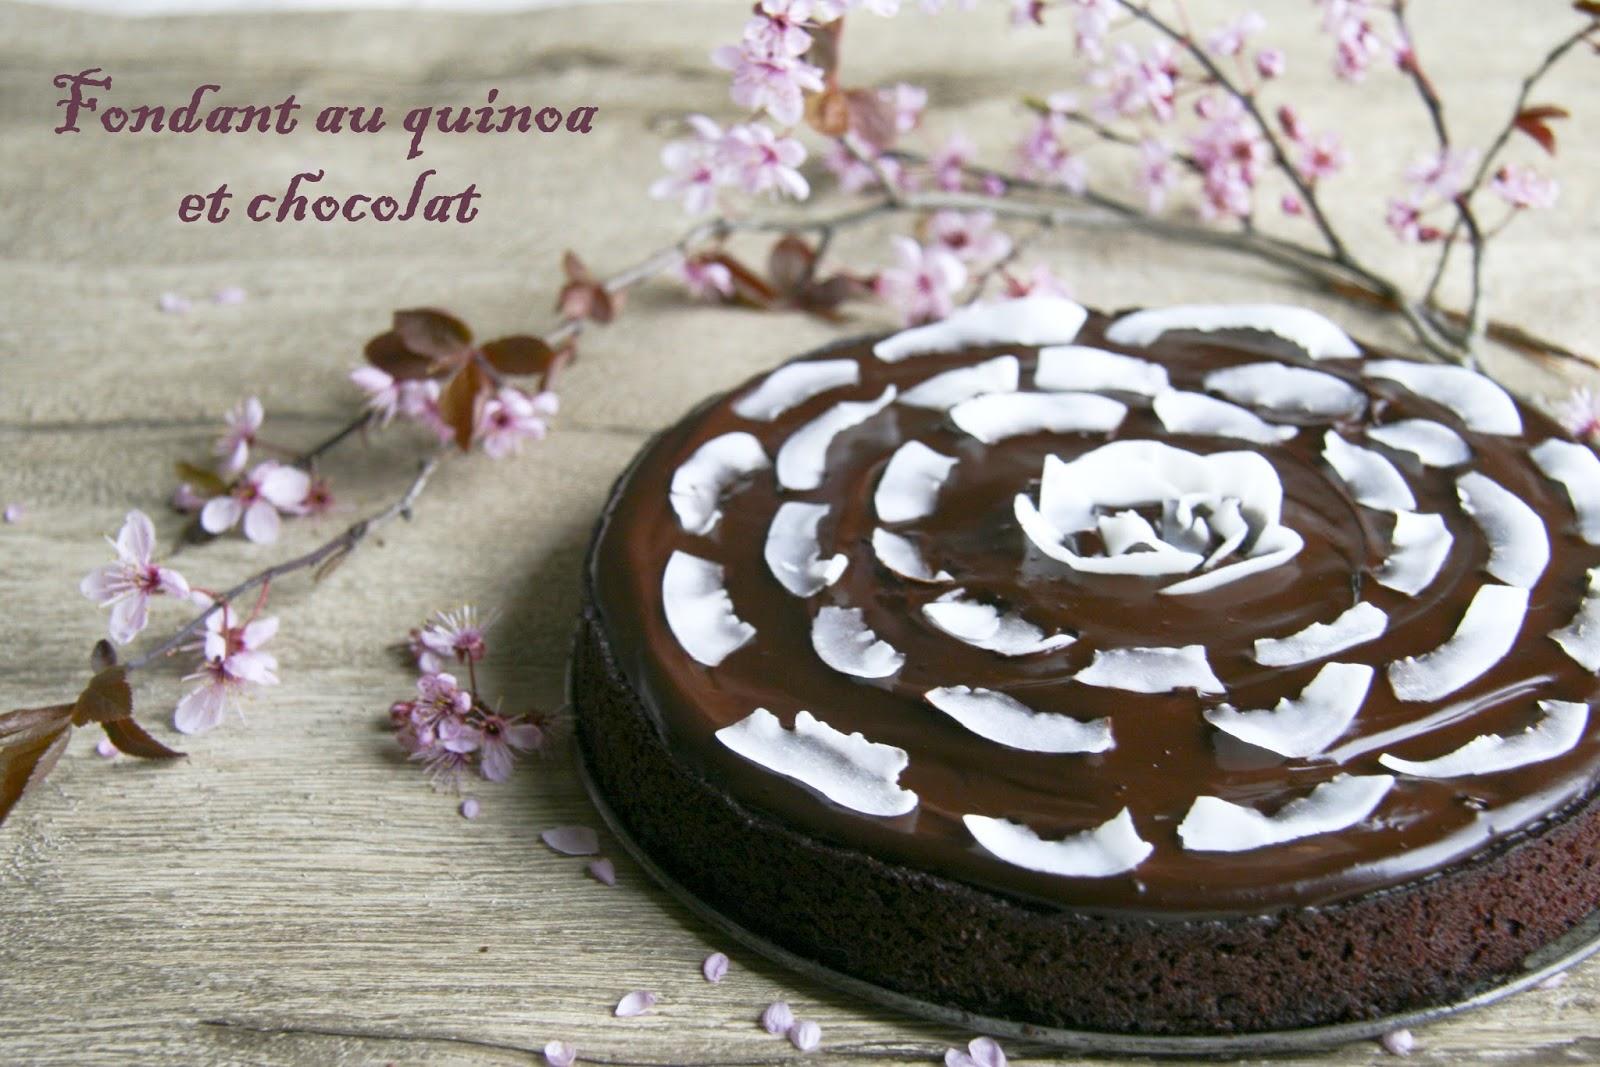 Fondant Au Quinoa Et Chocolat